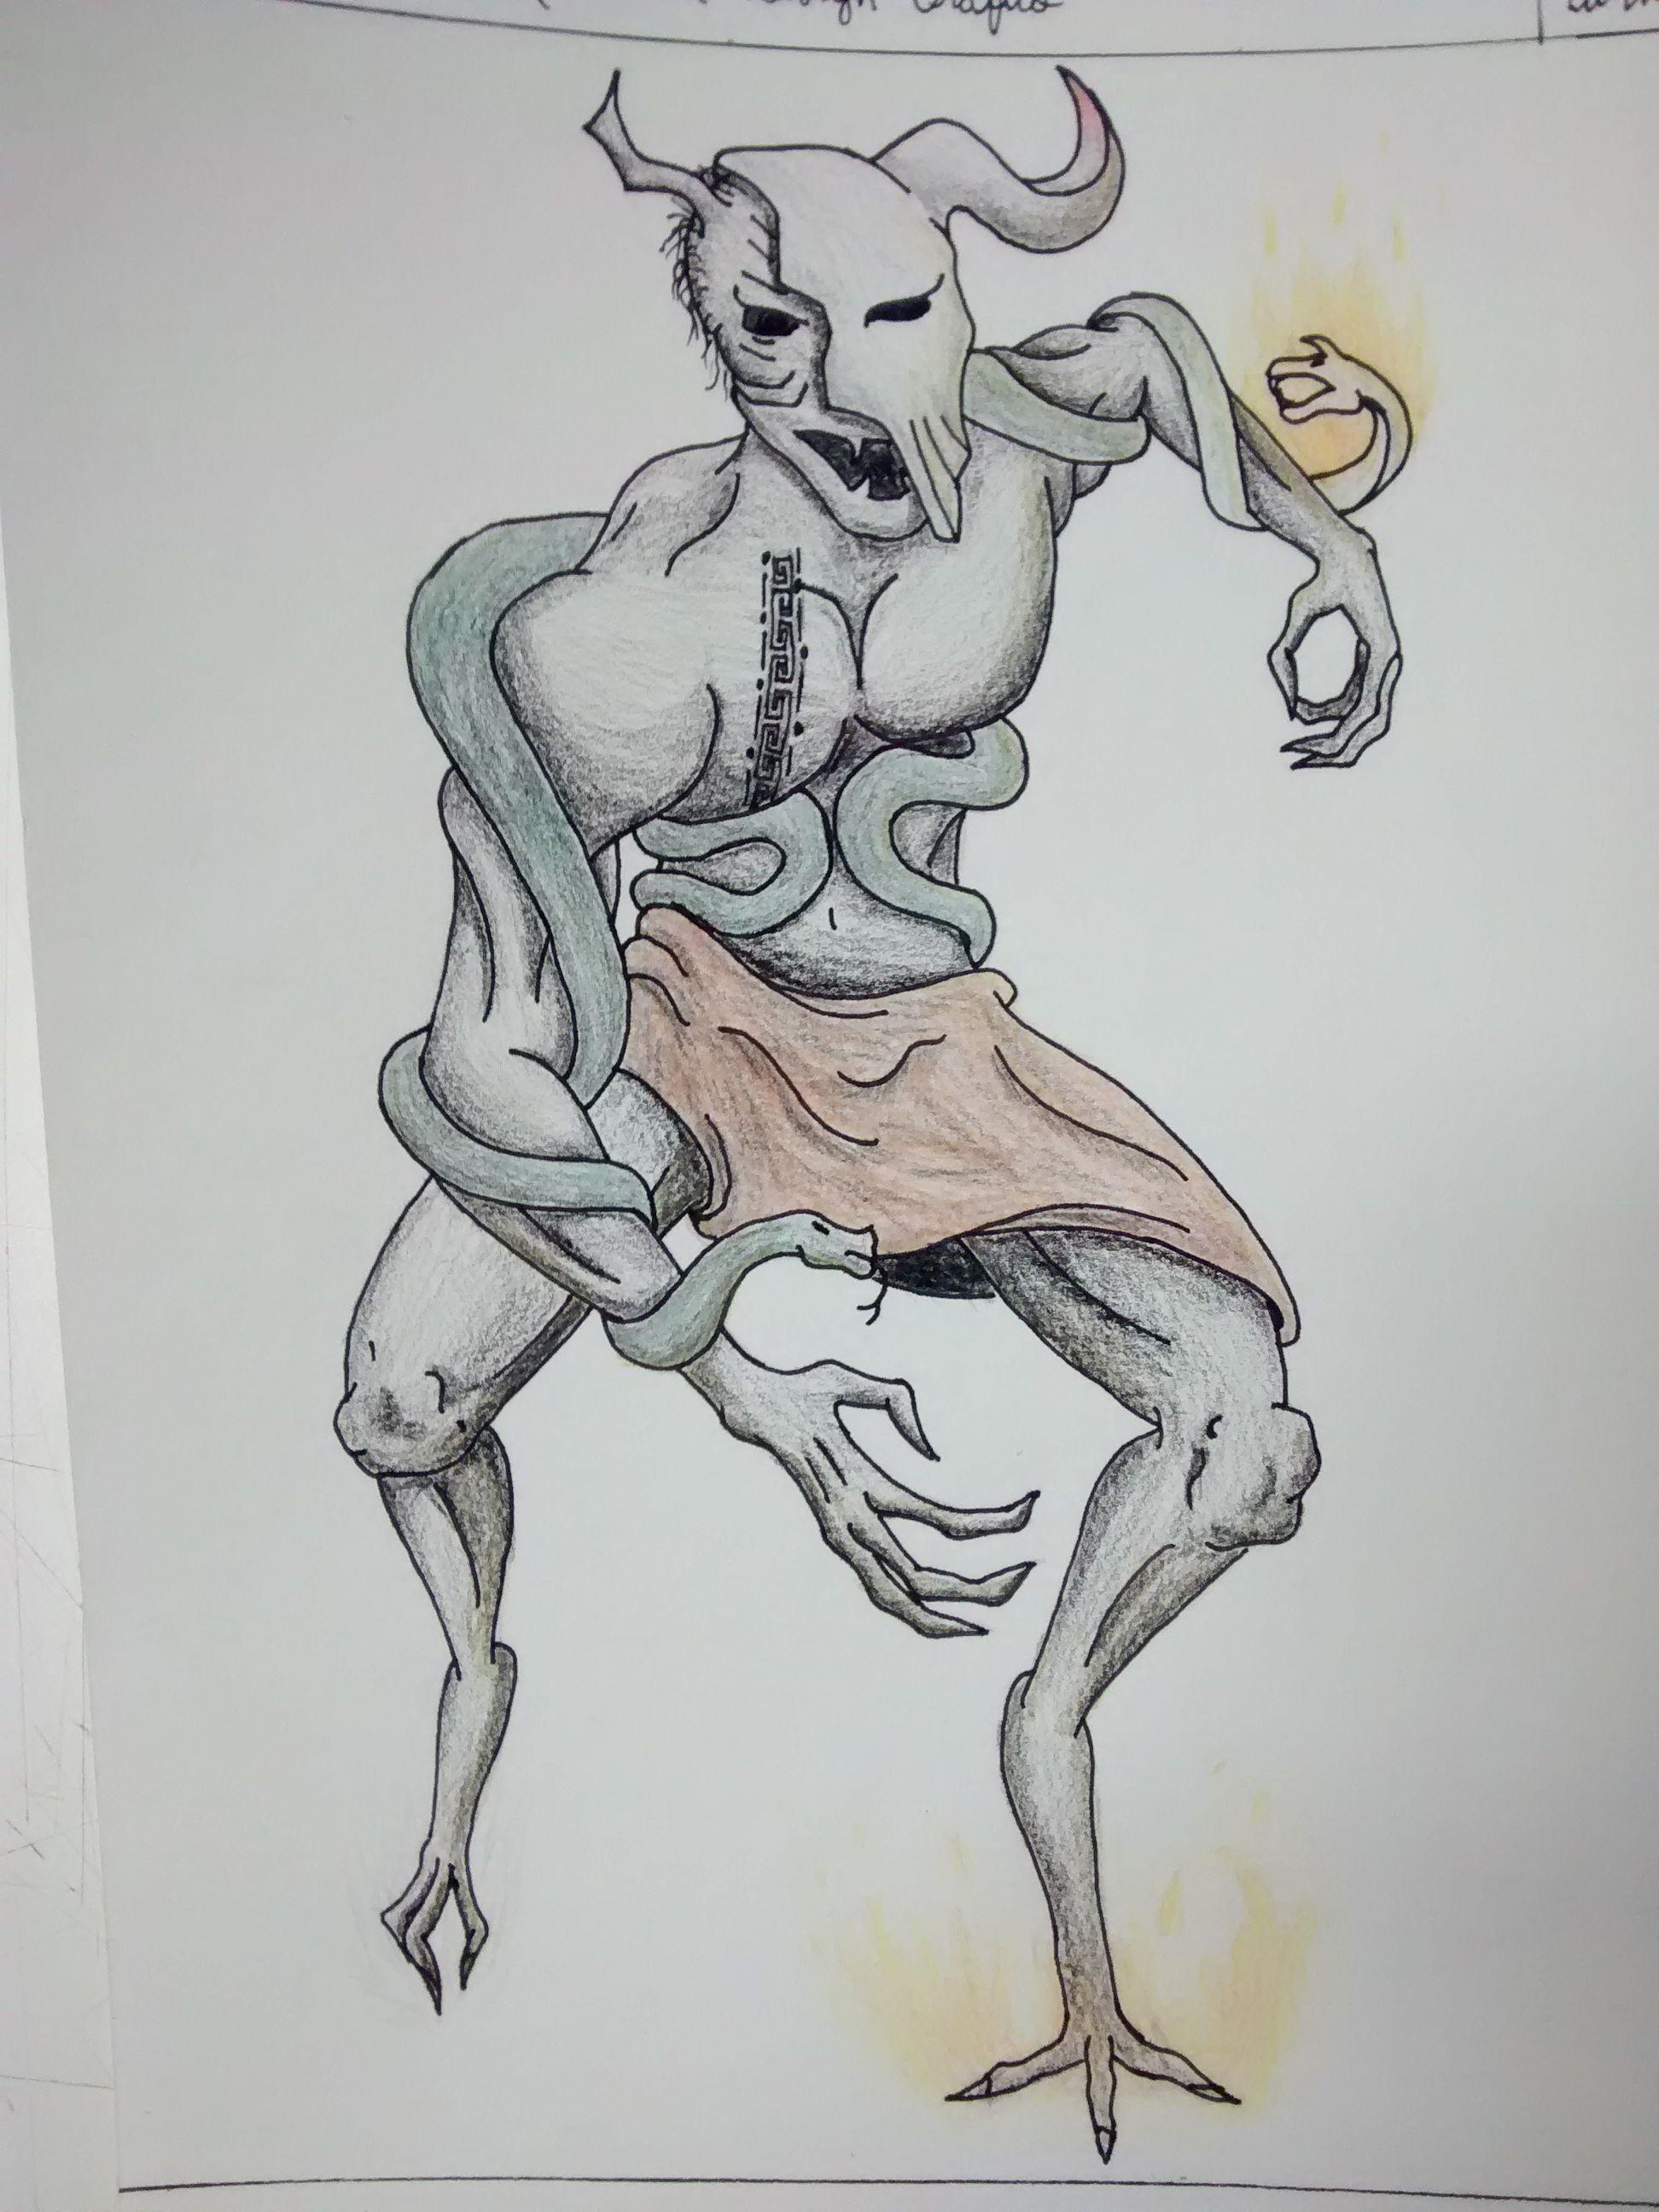 Criação do personagem Iorotá, o Espírito Maligno do Fogo, uma releitura da lenda do Boi Tatá.